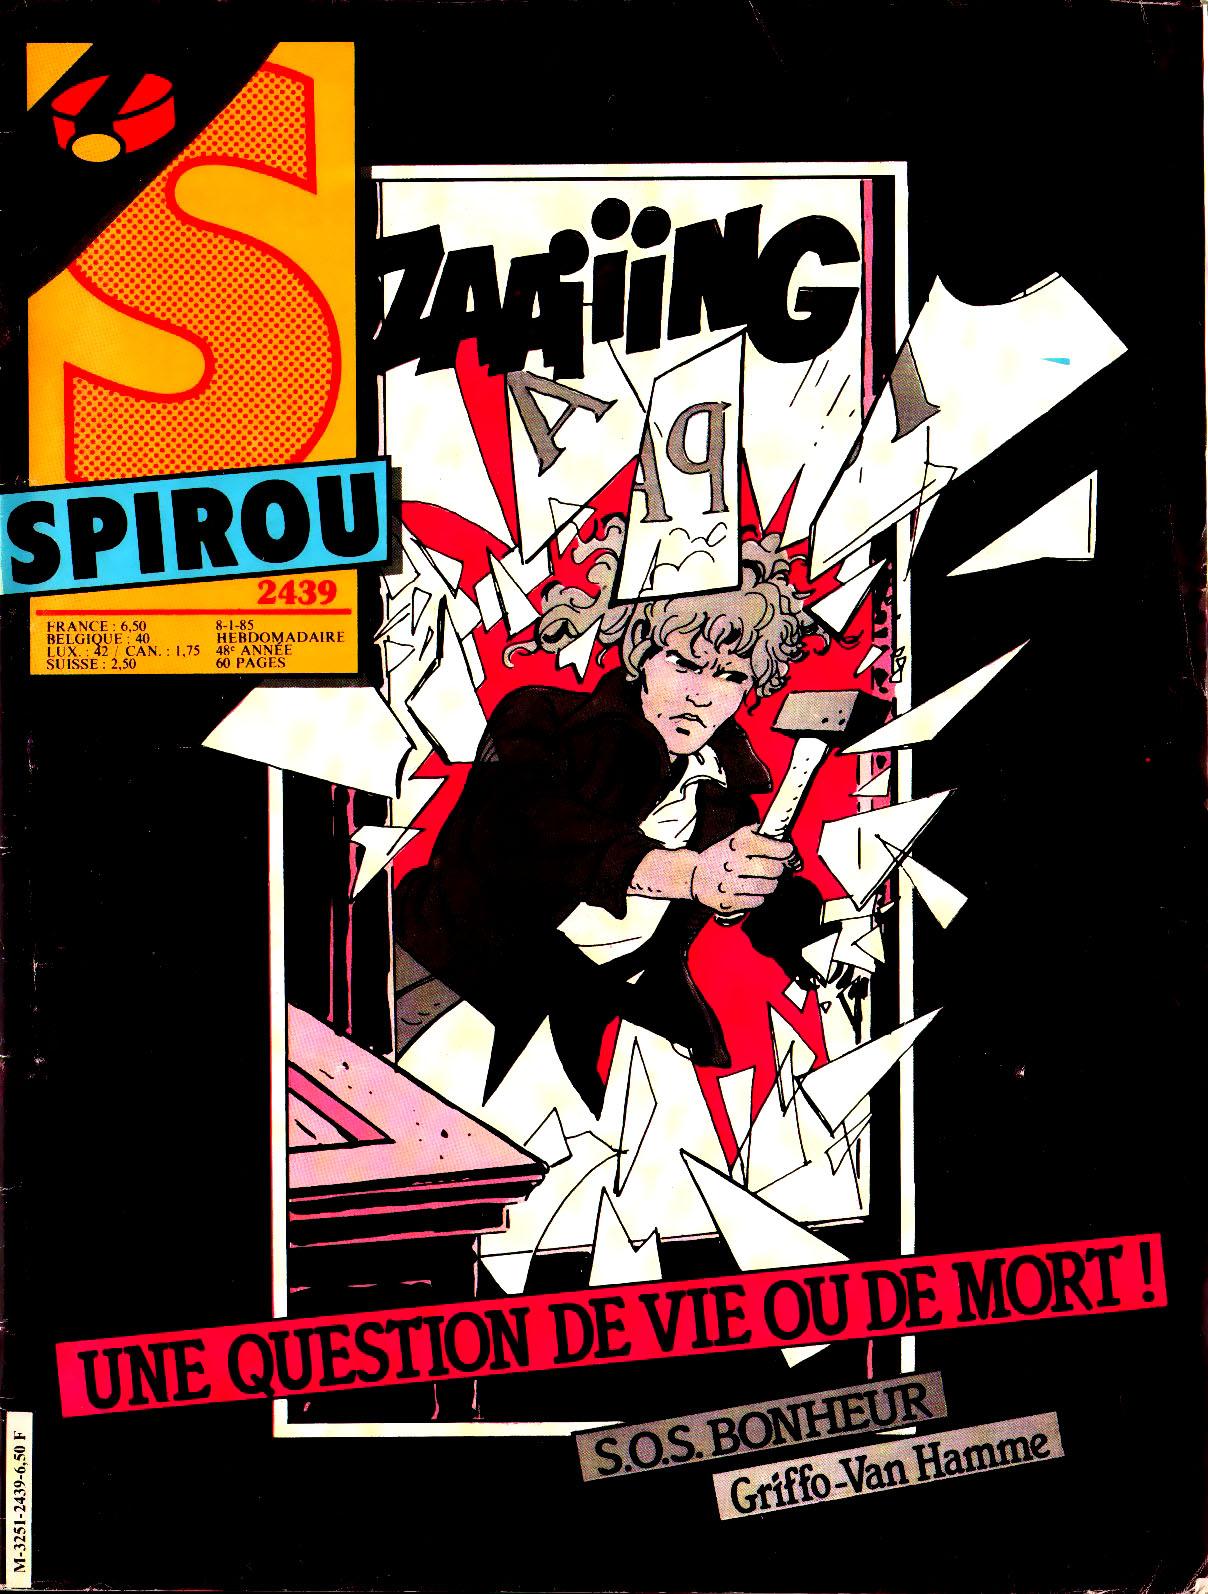 """SPIROU N°2430 /""""SOS Bonheur de Grifo et Van Hamme"""